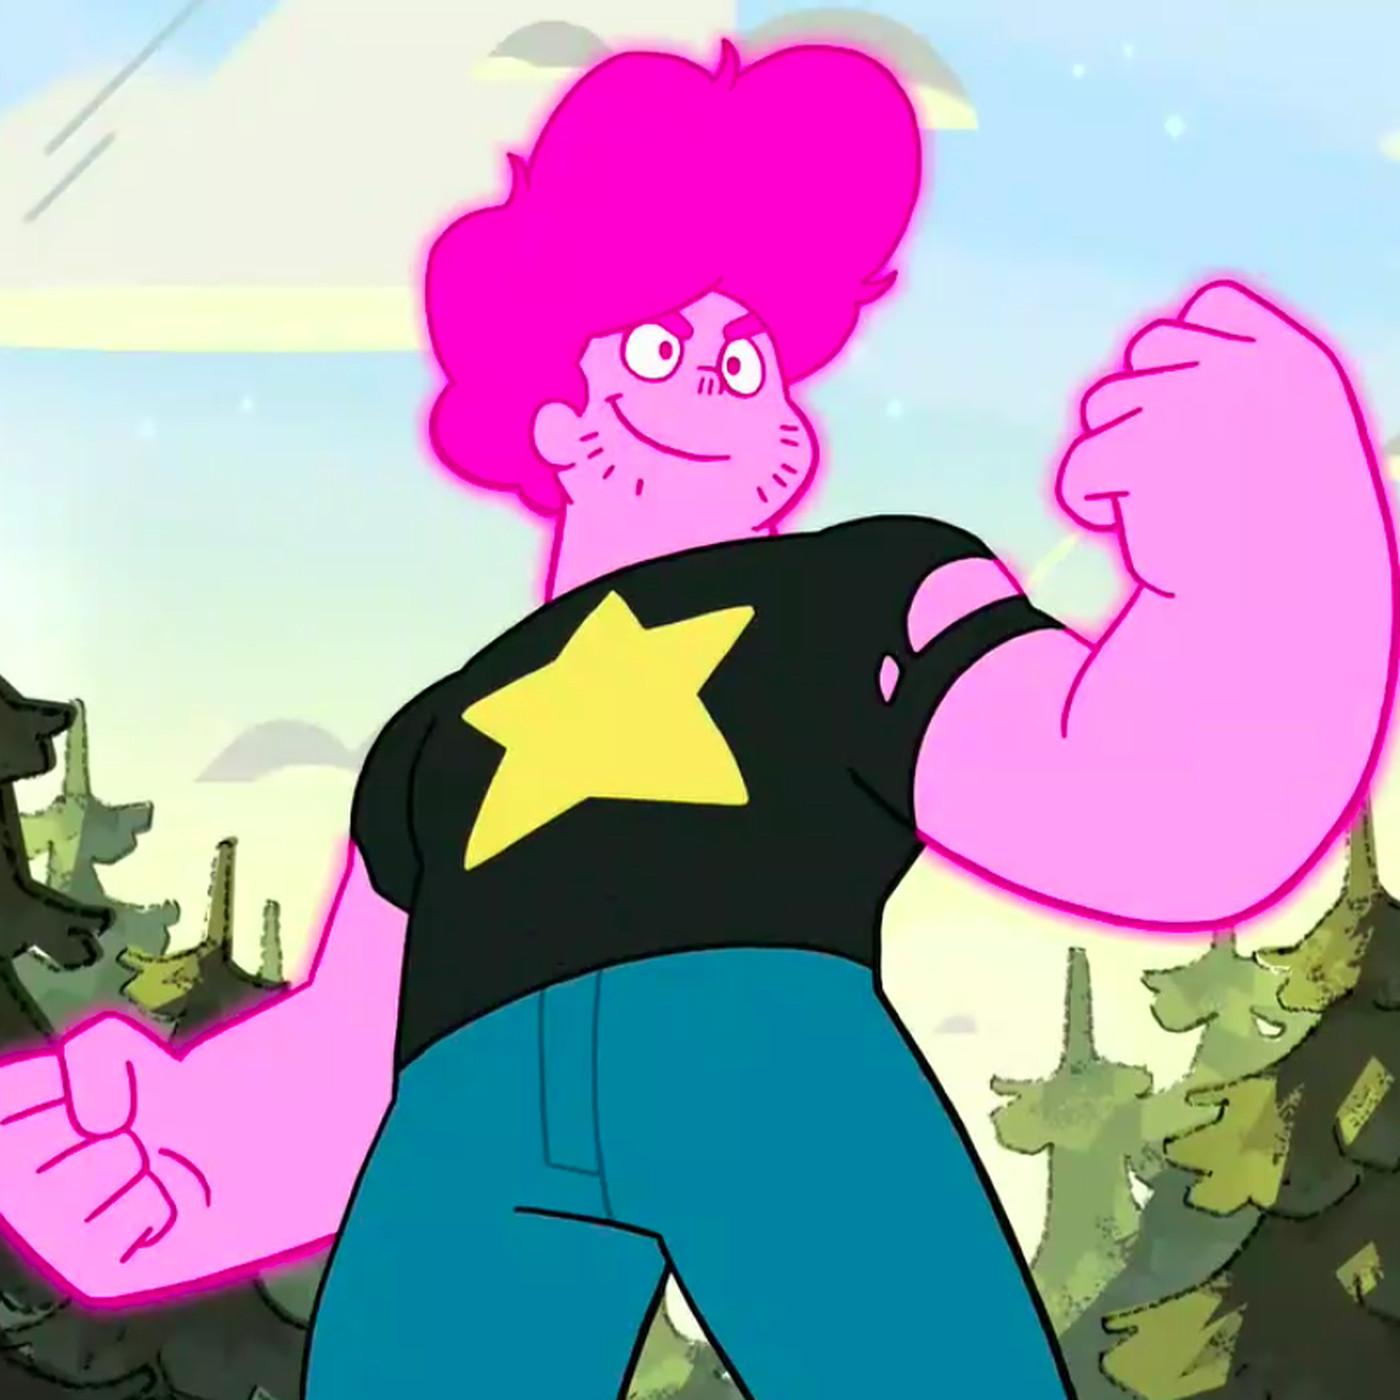 Steven Universe Future Rebecca Sugar On Ending Her Show Future Seasons Polygon